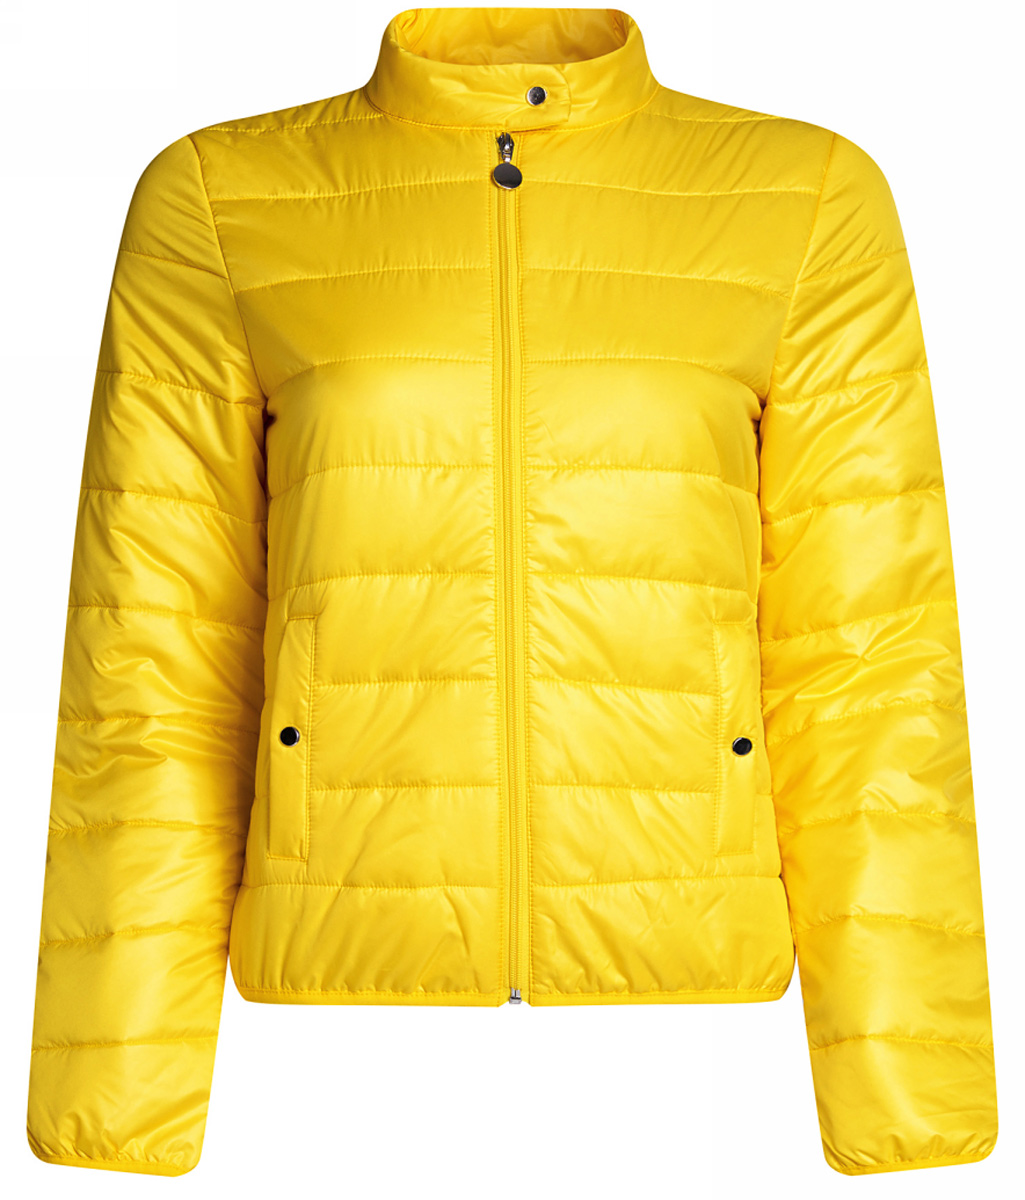 Куртка женская oodji Ultra, цвет: лимонный. 10203060/43363/5100N. Размер 44-170 (50-170)10203060/43363/5100NЖенская куртка oodji Ultra выполнена из высококачественного материала, в качестве подкладки используется полиэстер. Утеплитель - синтепон. Модель с воротником-стойкой застегивается на застежку-молнию и дополнительно сверху на кнопку. Спереди расположено два втачных кармана на кнопках.